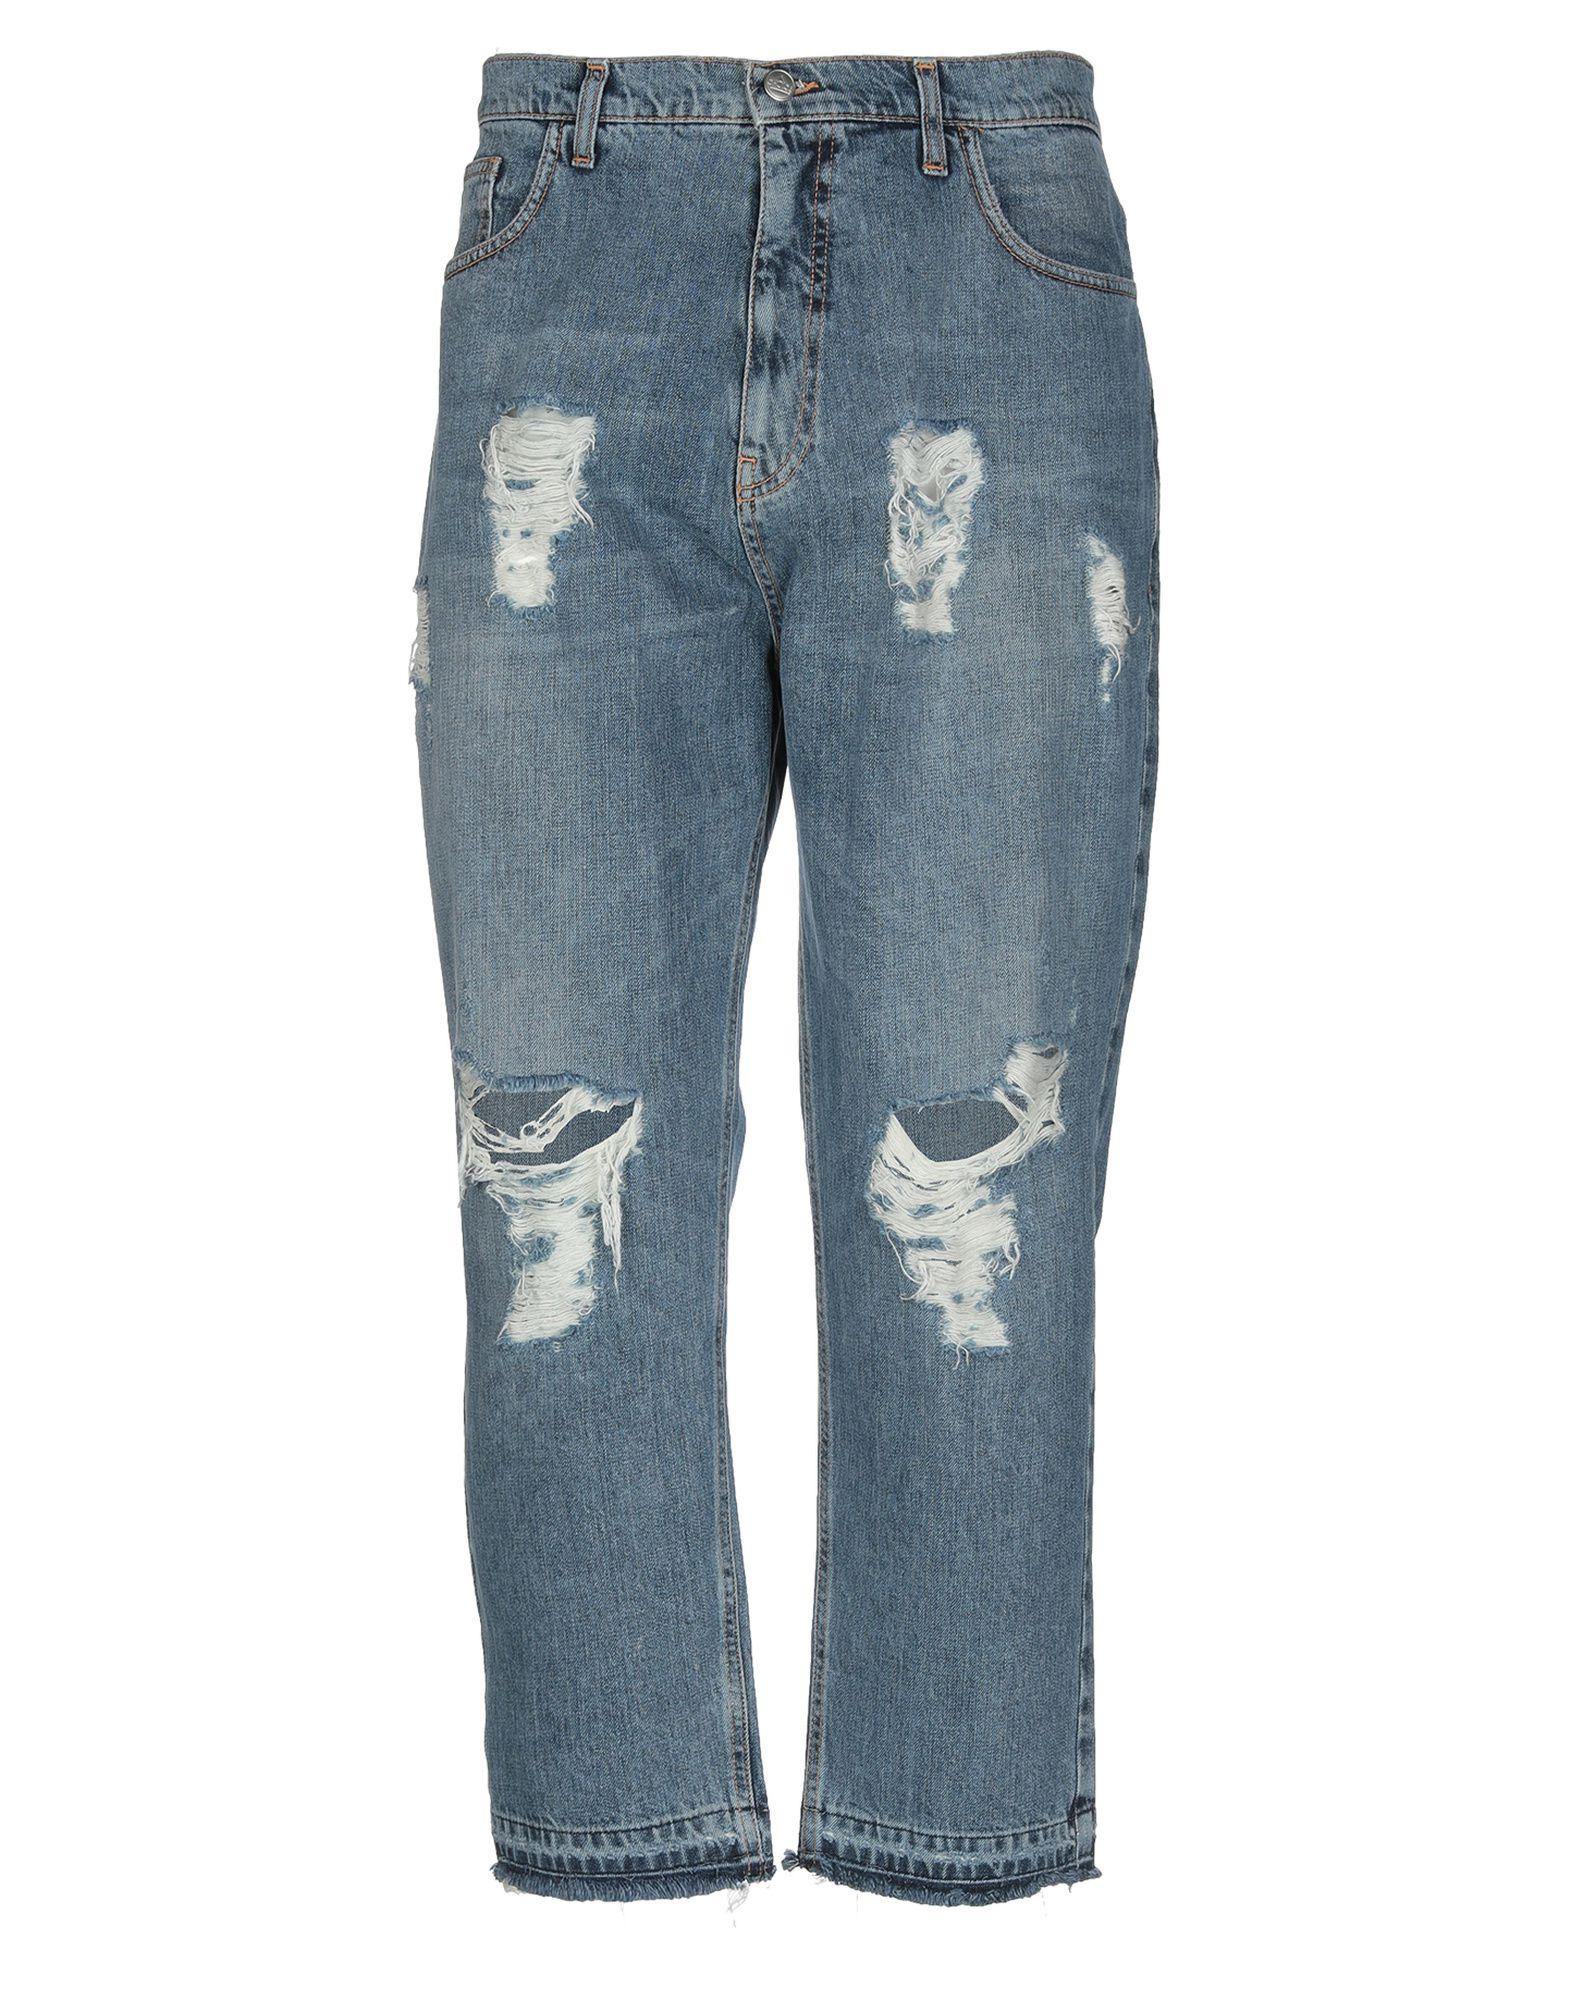 CHOICE NICOLA PELINGA Джинсовые брюки-капри choice nicola pelinga джинсовые брюки